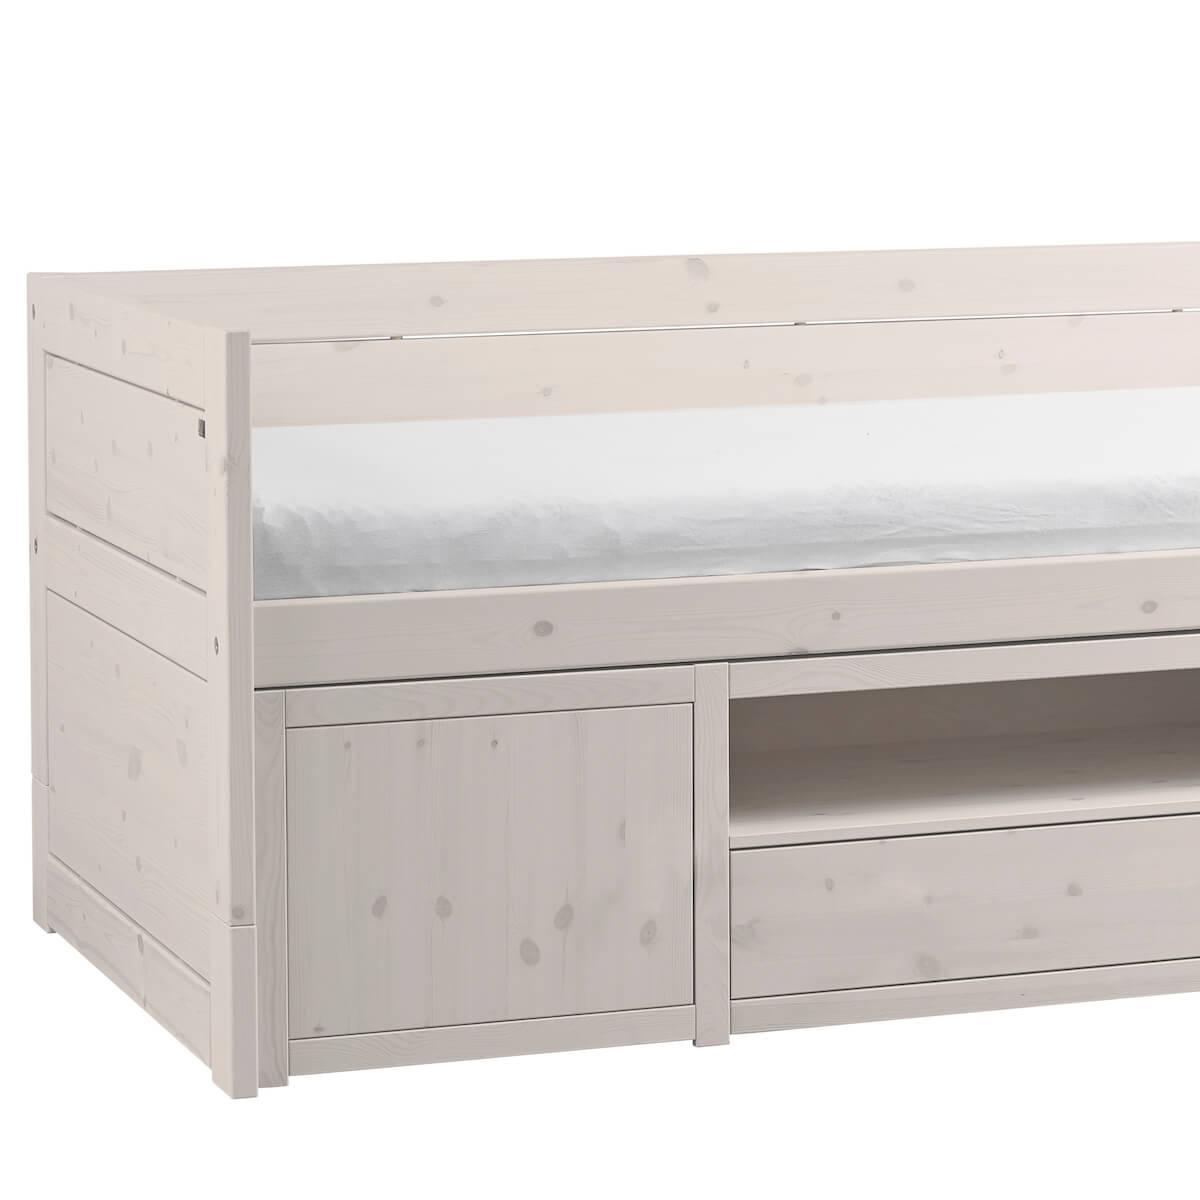 Cama cabina+pequeño mueble Lifetime blanqueado